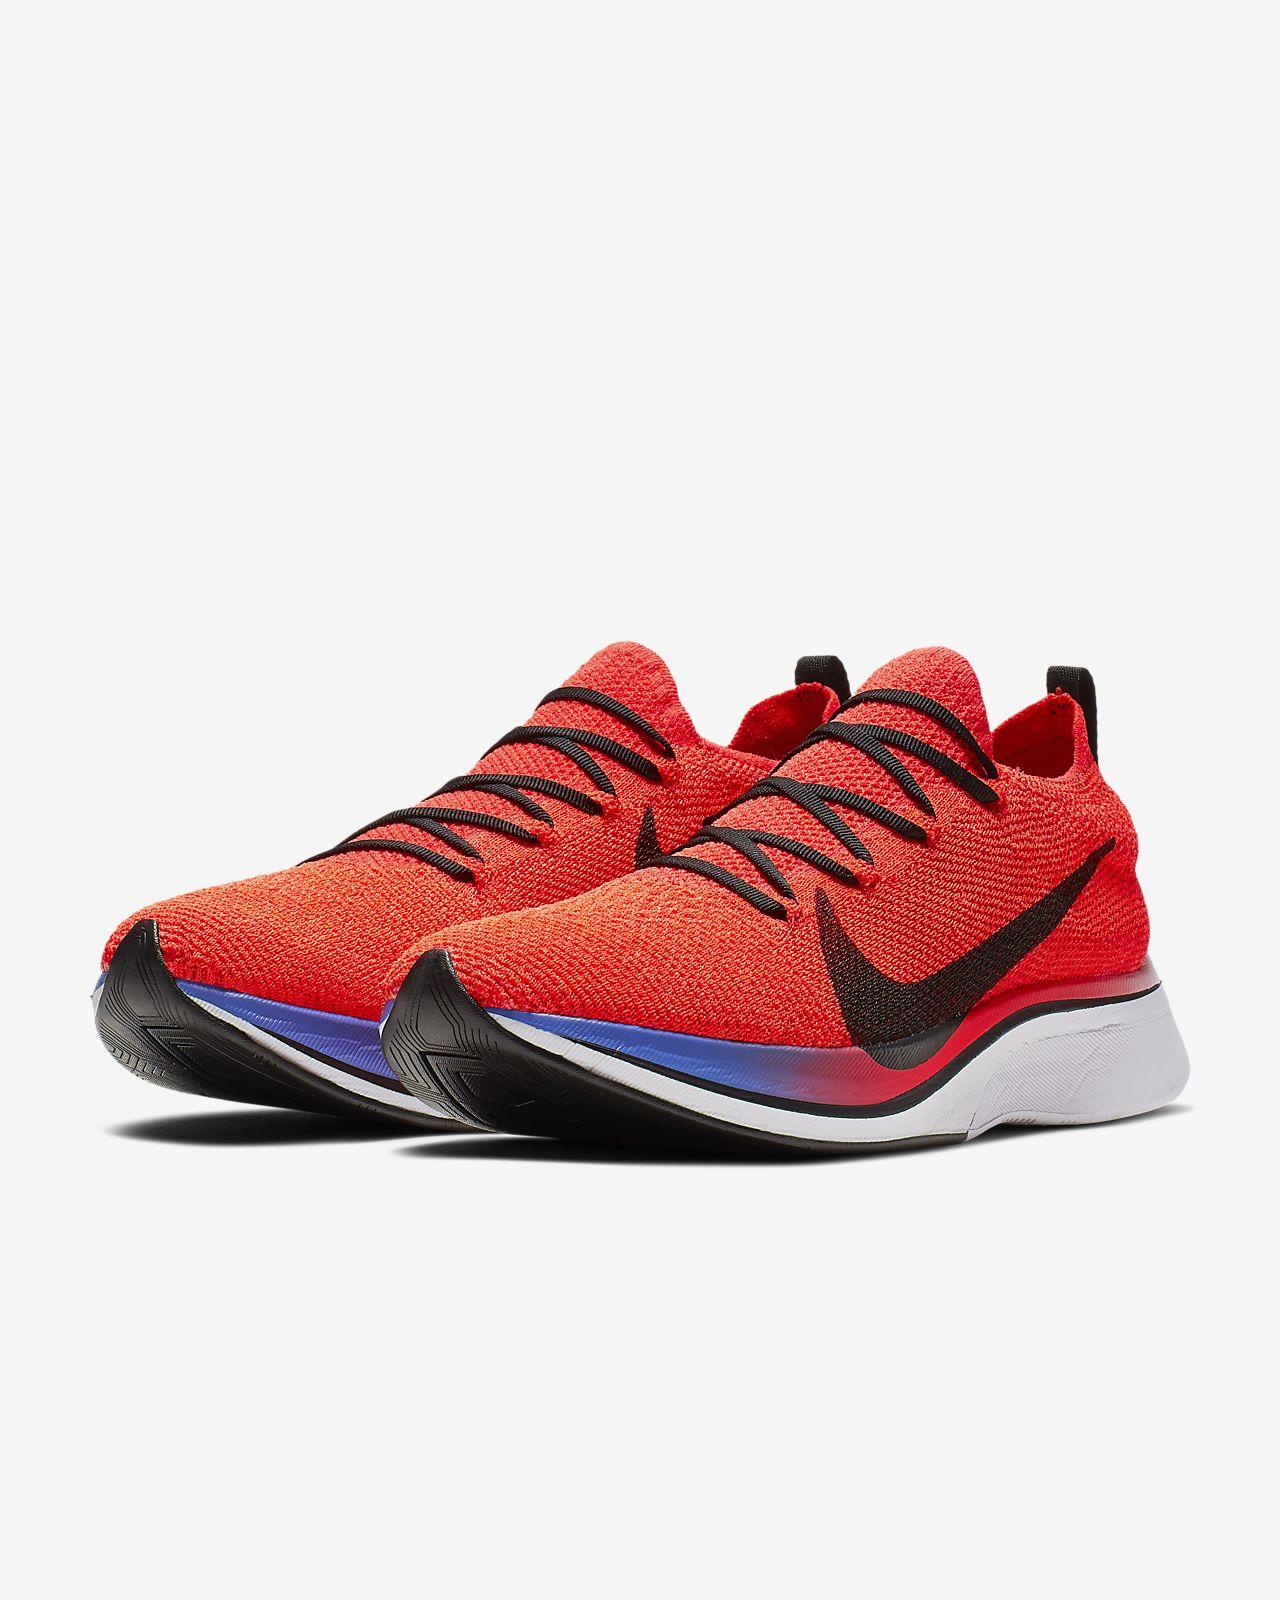 Ny ankomst Nike Air Max 95 Ultra SE Rød Sko På Salg